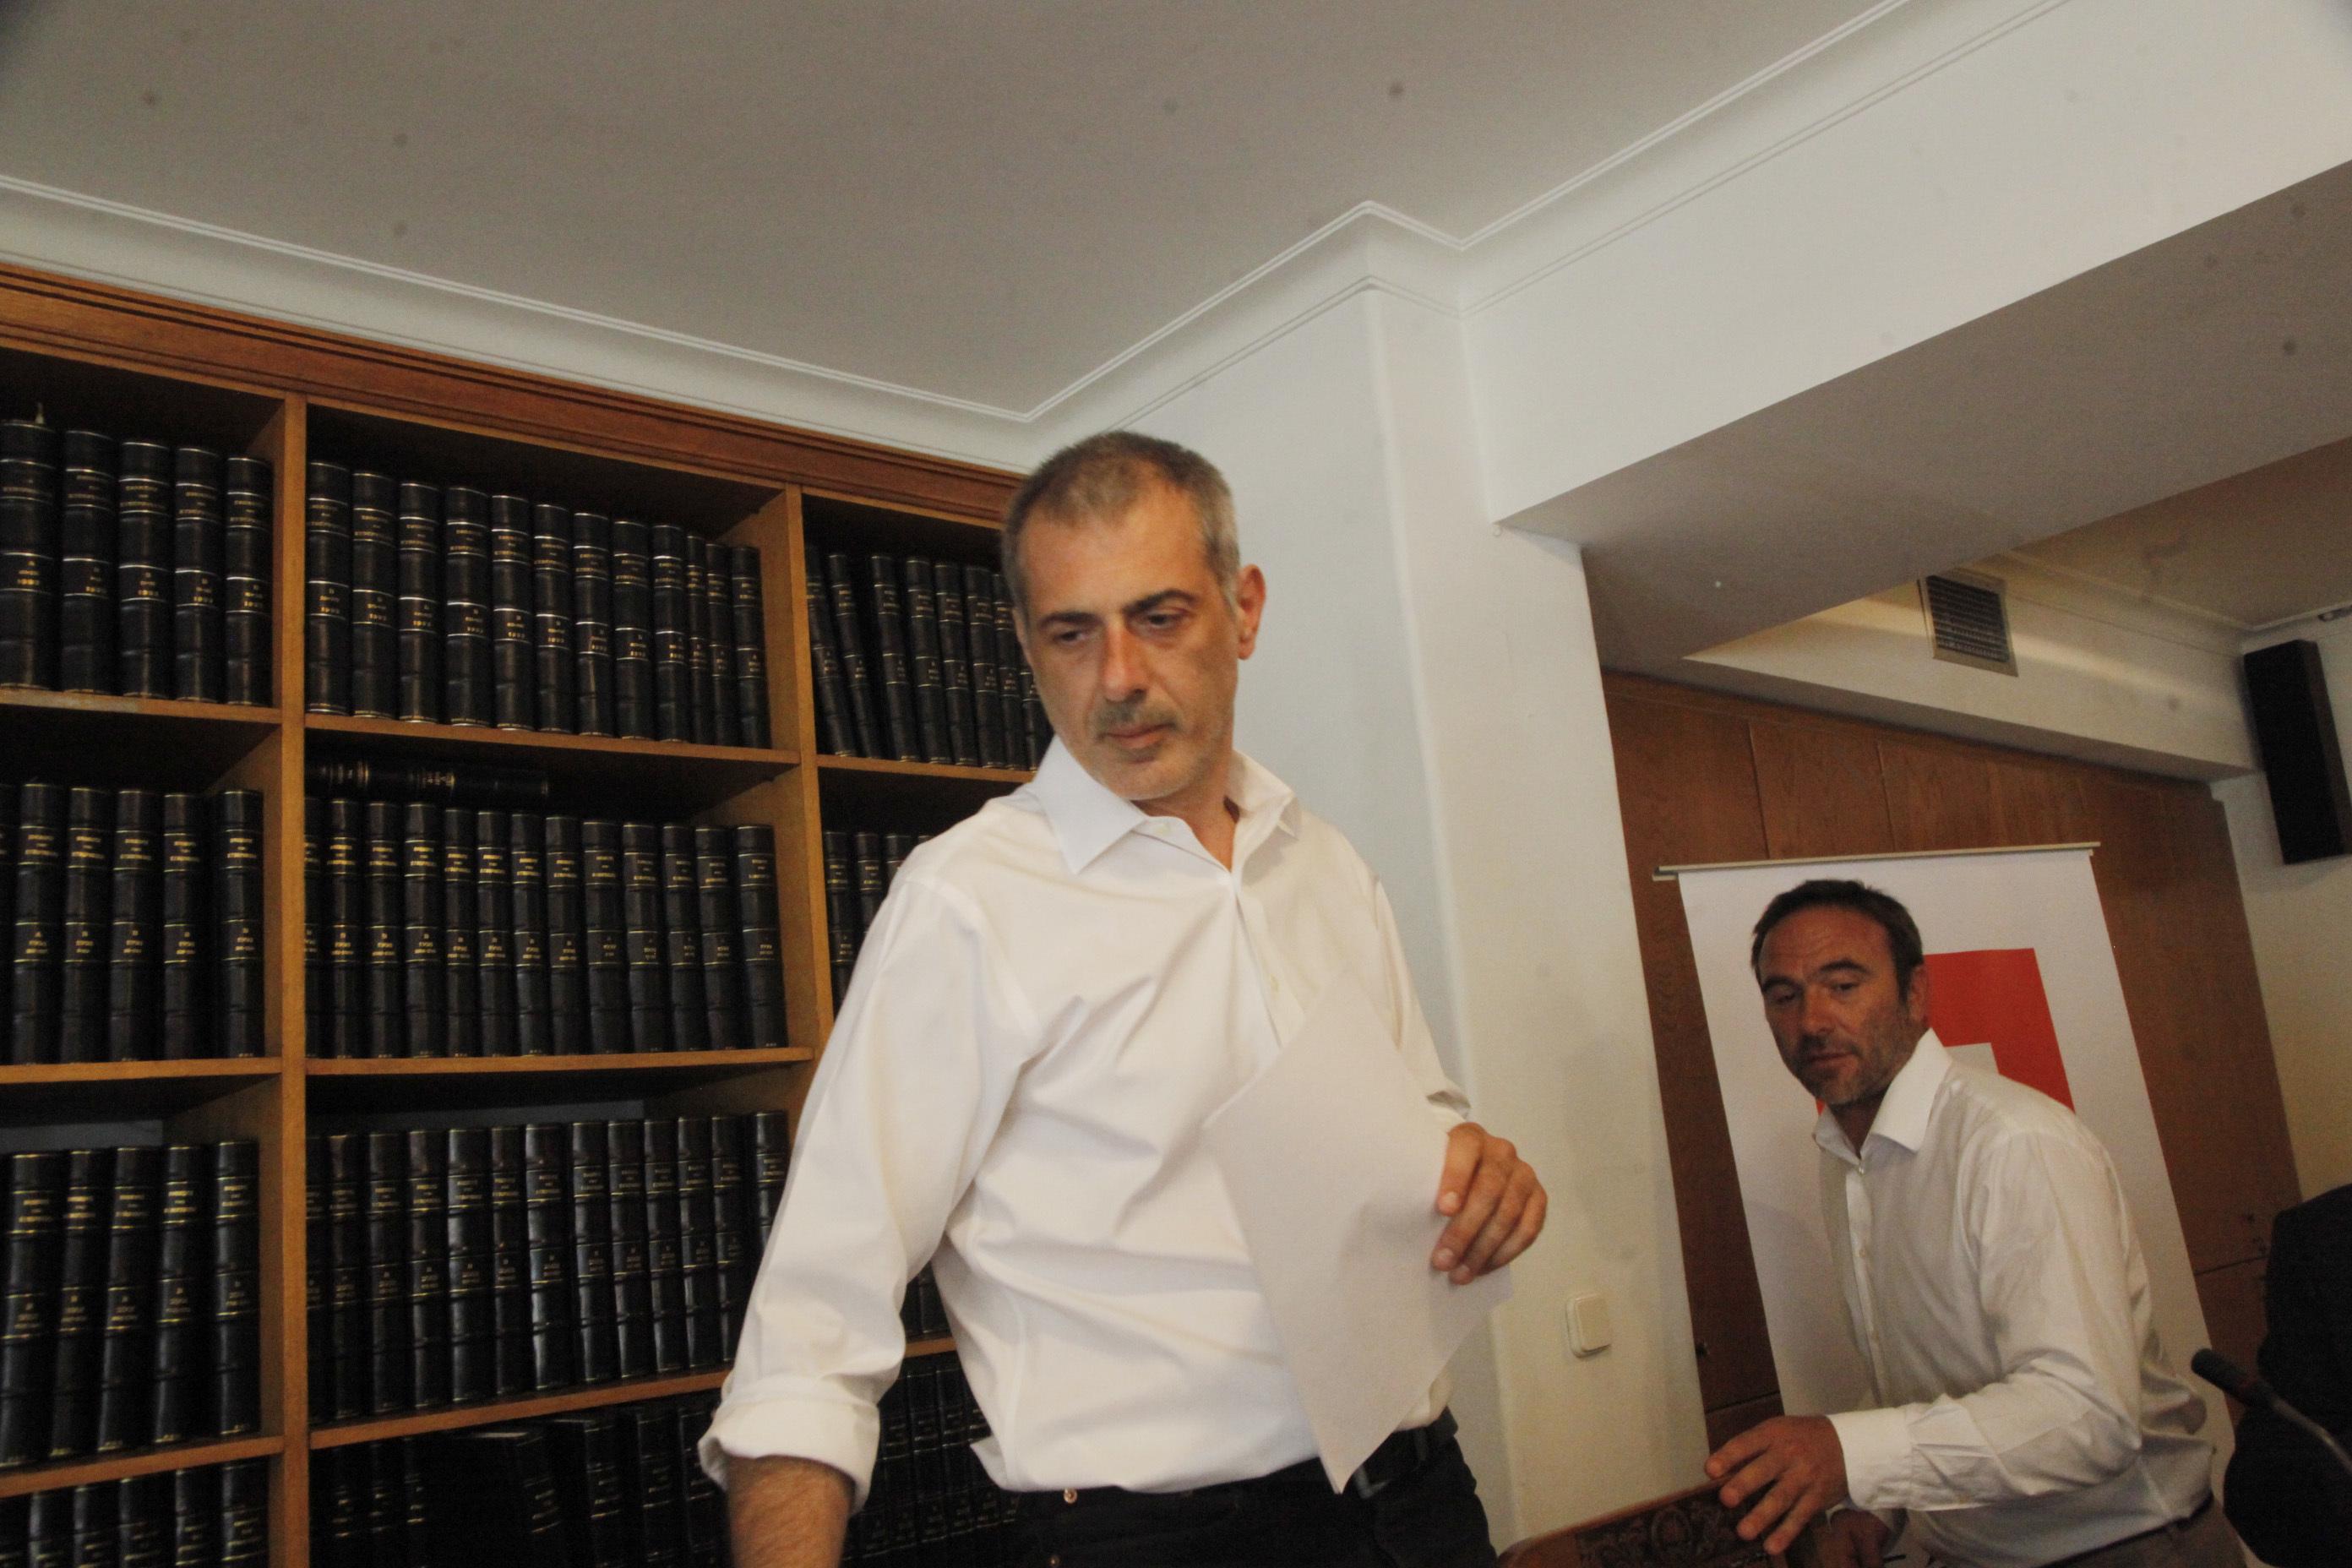 Γιάννης Μώραλης: Η ανταπόκριση στο πρόσωπό μου είναι θετική ακόμα και από όσους ψήφισαν Μιχαλολιάκο